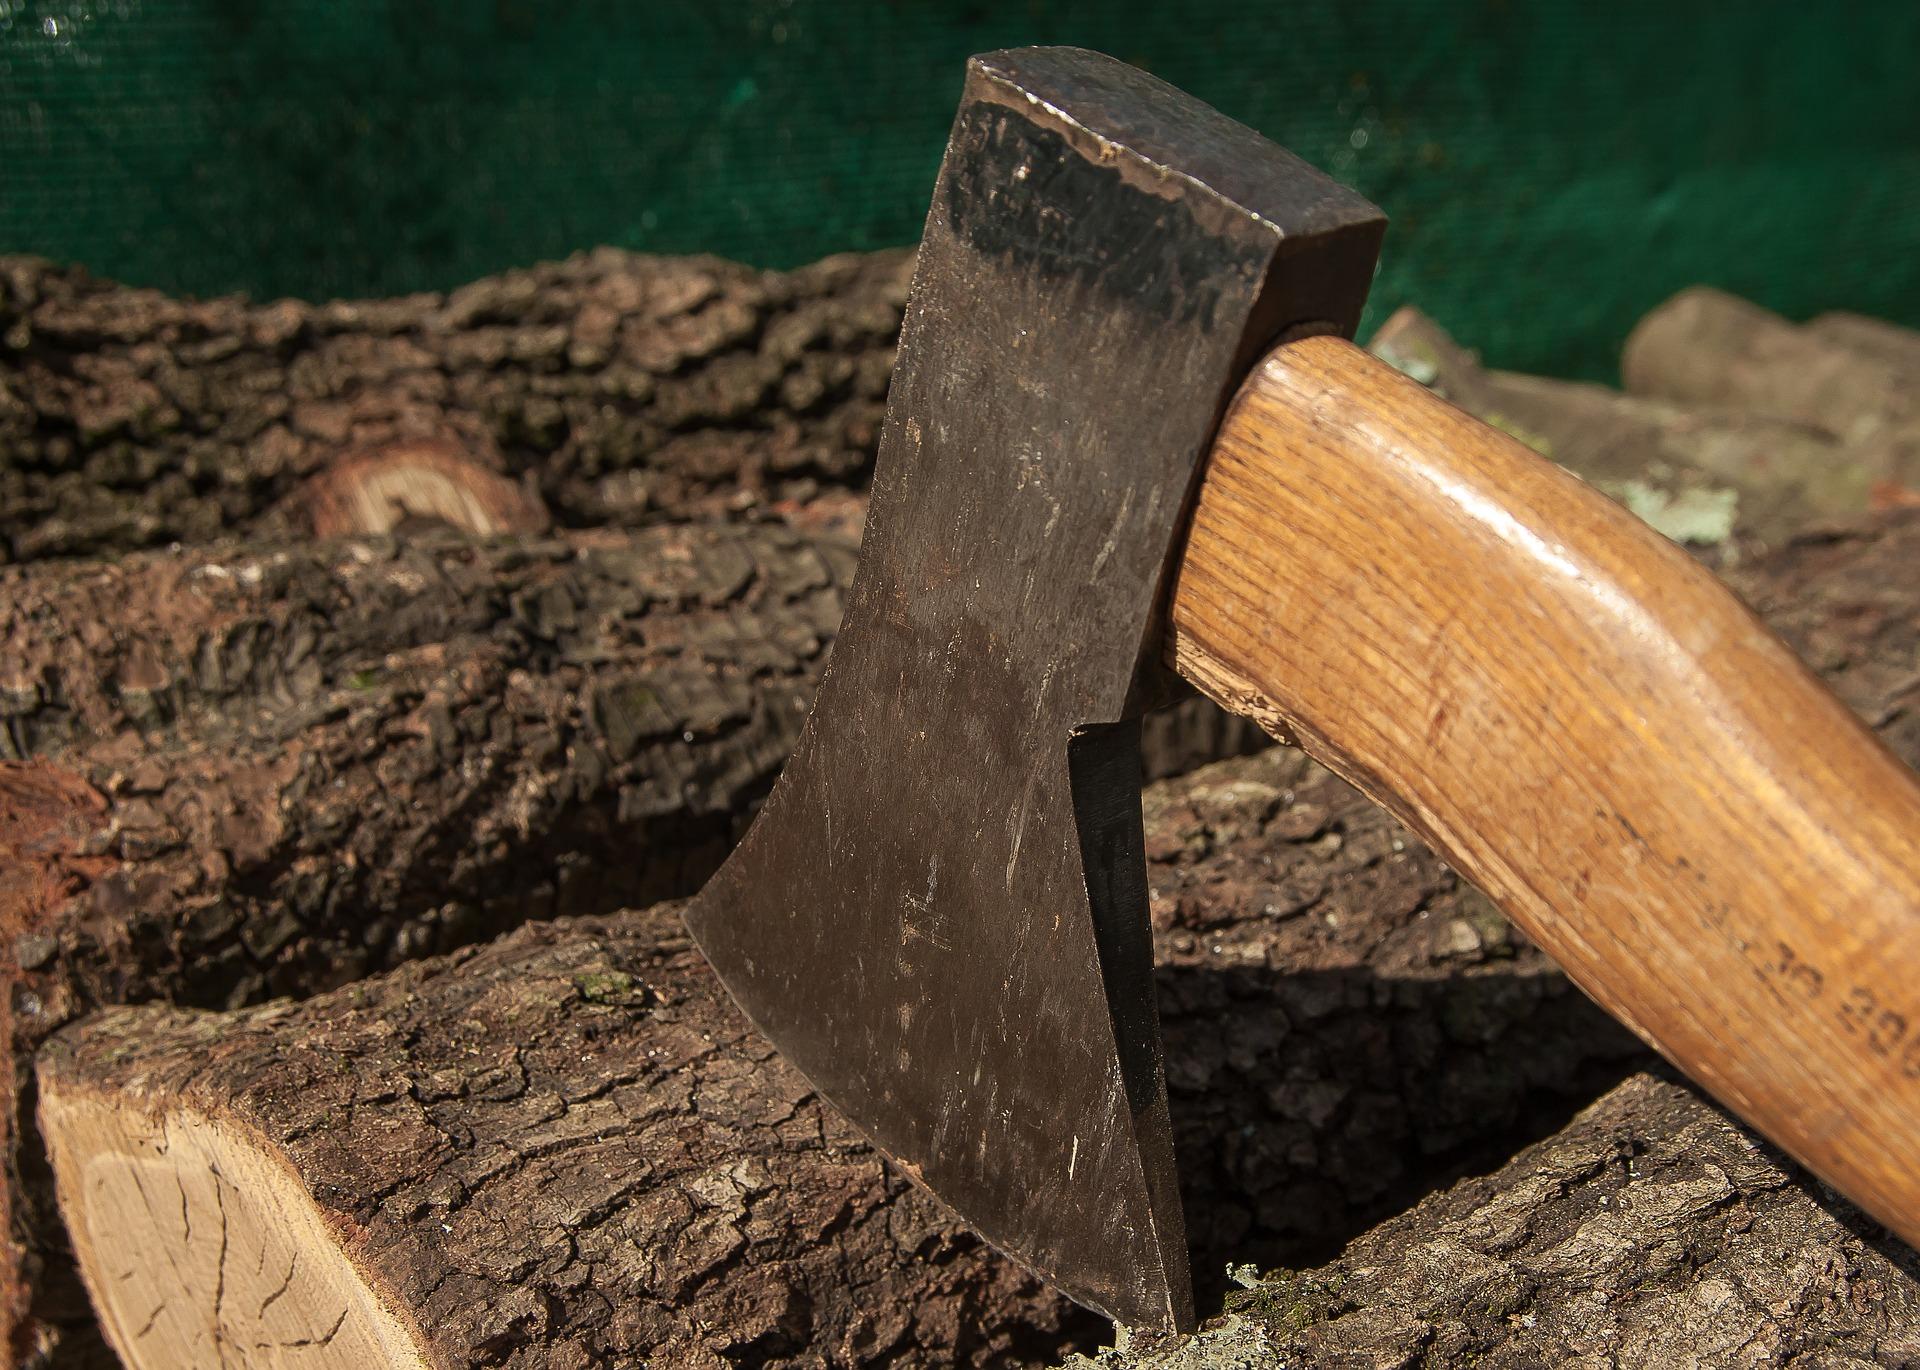 Les avantages économiques et écologiques du bois pour son projet